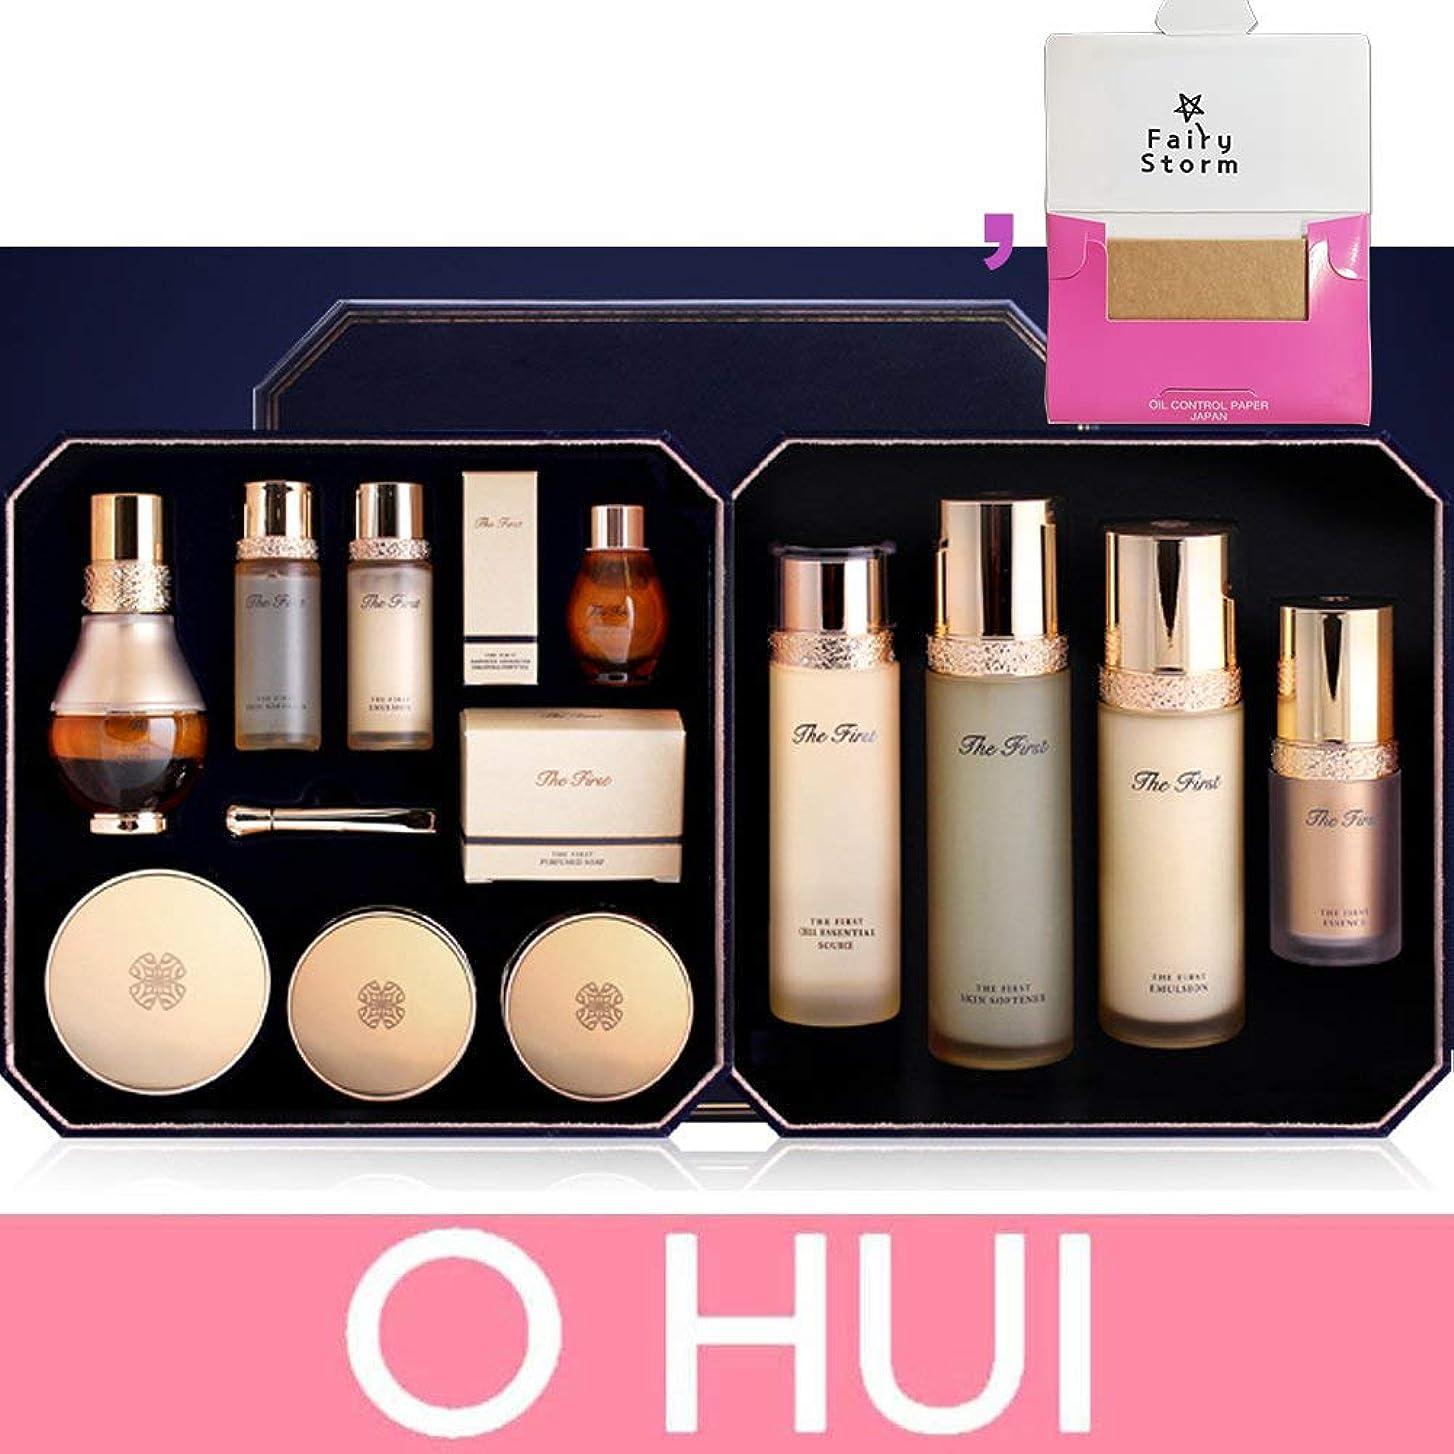 社会科迫害権限を与える[オフィス/ O HUI] OHUI The First GENITURE Set / Skincare Full Set / オフィスよりファーストパース - ジSkincare Set + [Sample Gift](海外直送品)